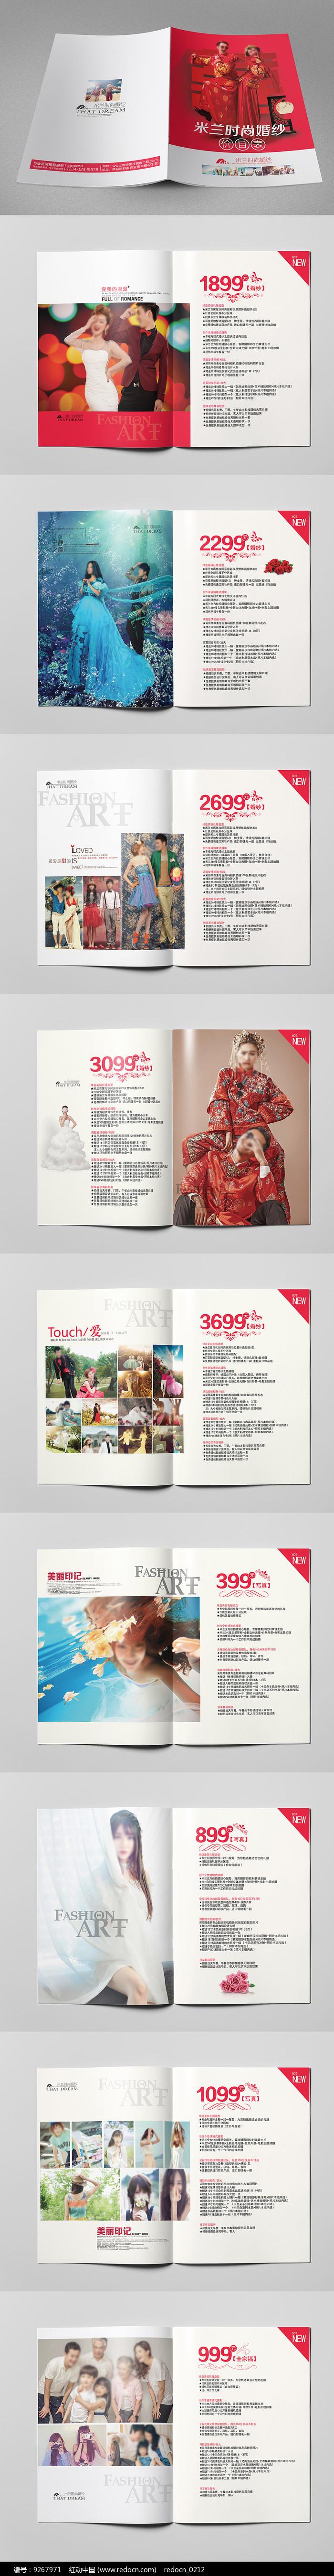 时尚婚纱摄影价目表画册版式图片